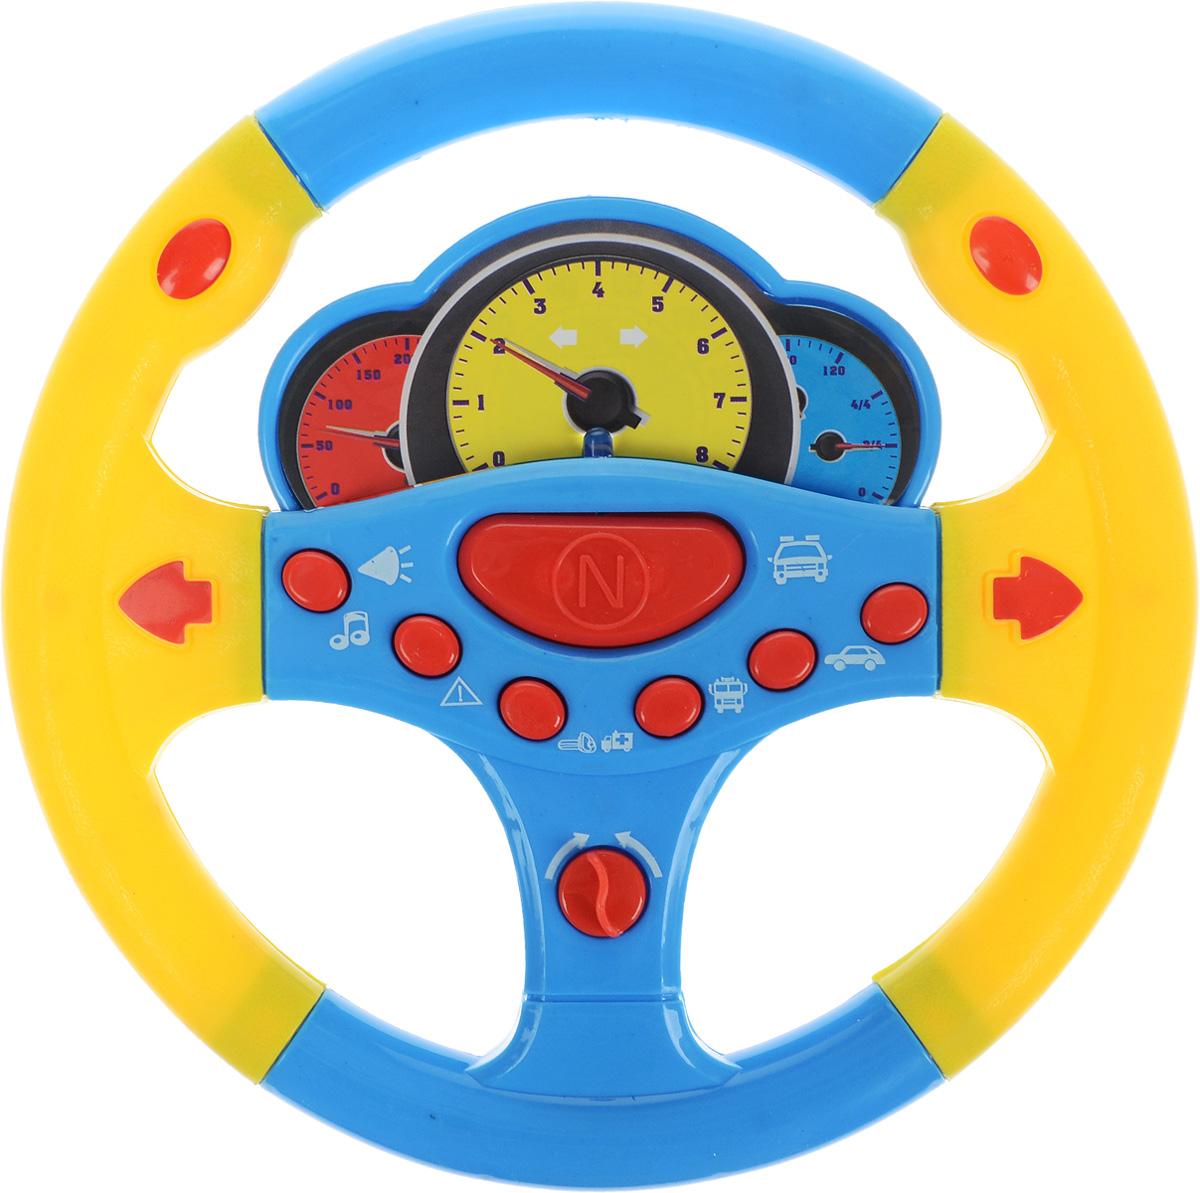 ABtoys Игрушечный музыкальный руль цвет голубой желтый abtoys игрушечный музыкальный руль цвет черный желтый красный